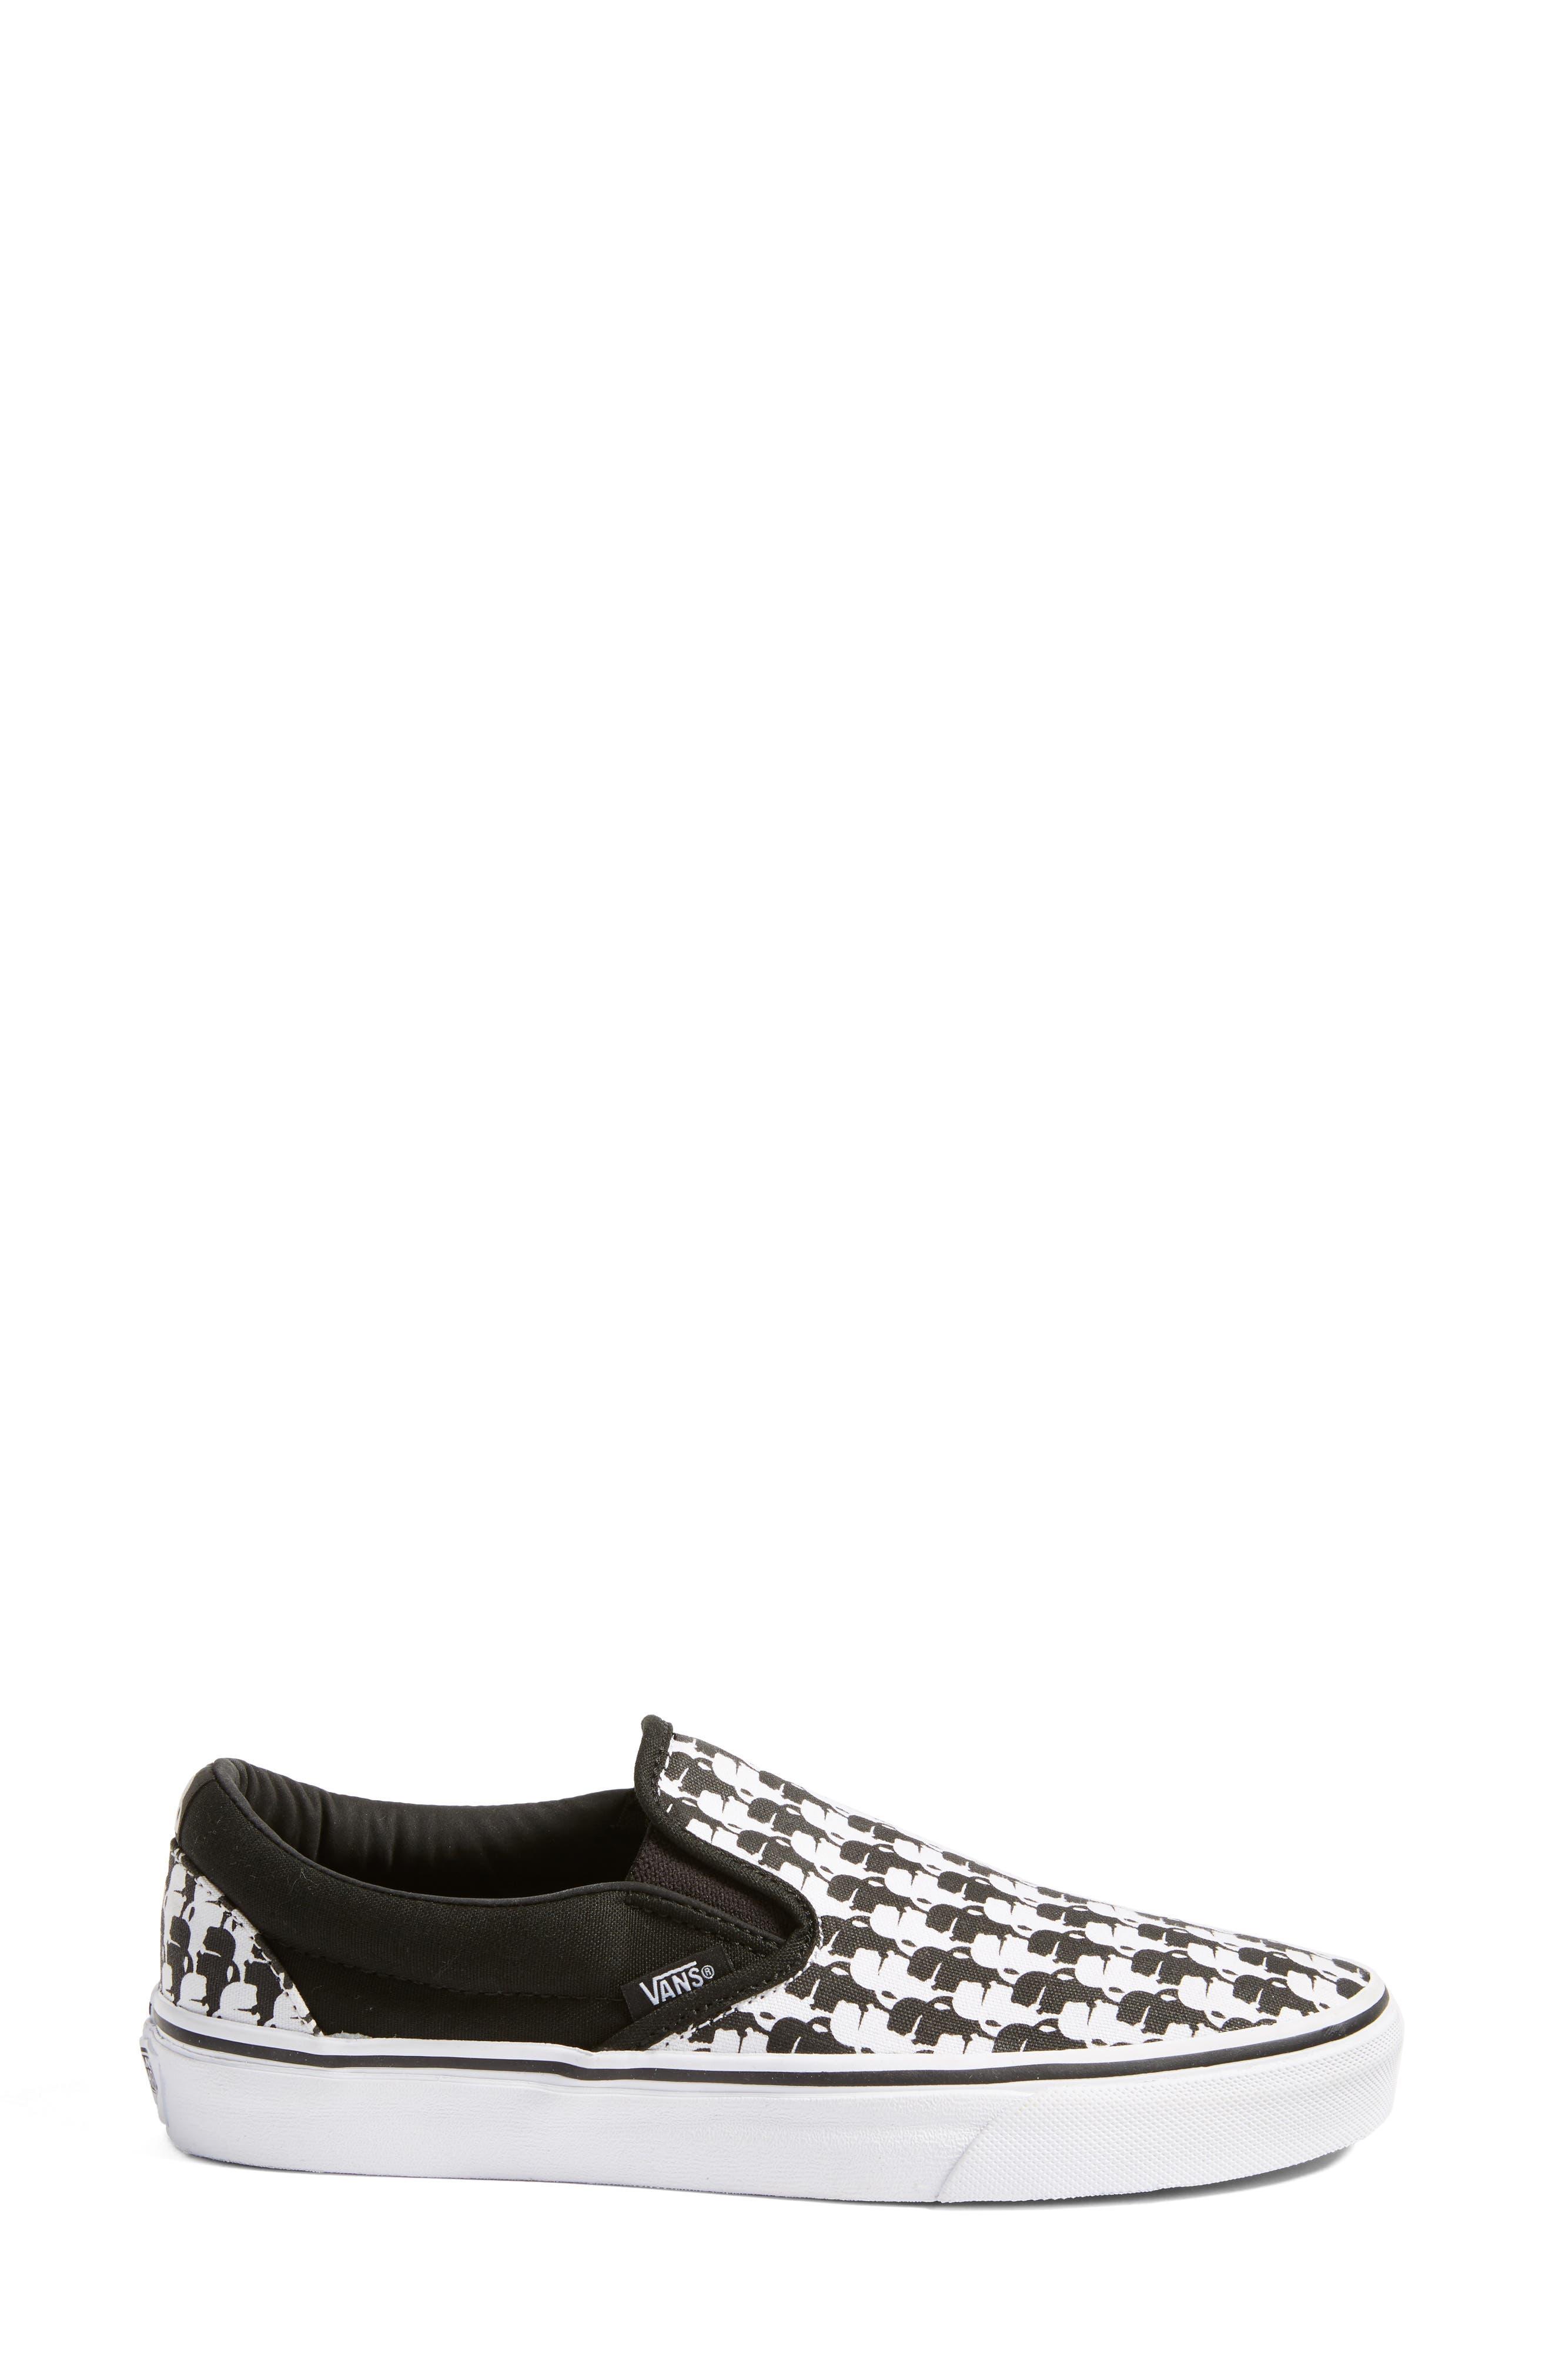 Alternate Image 3  - Vans x KARL LAGERFELD Houndstooth Slip-On Sneaker (Women)